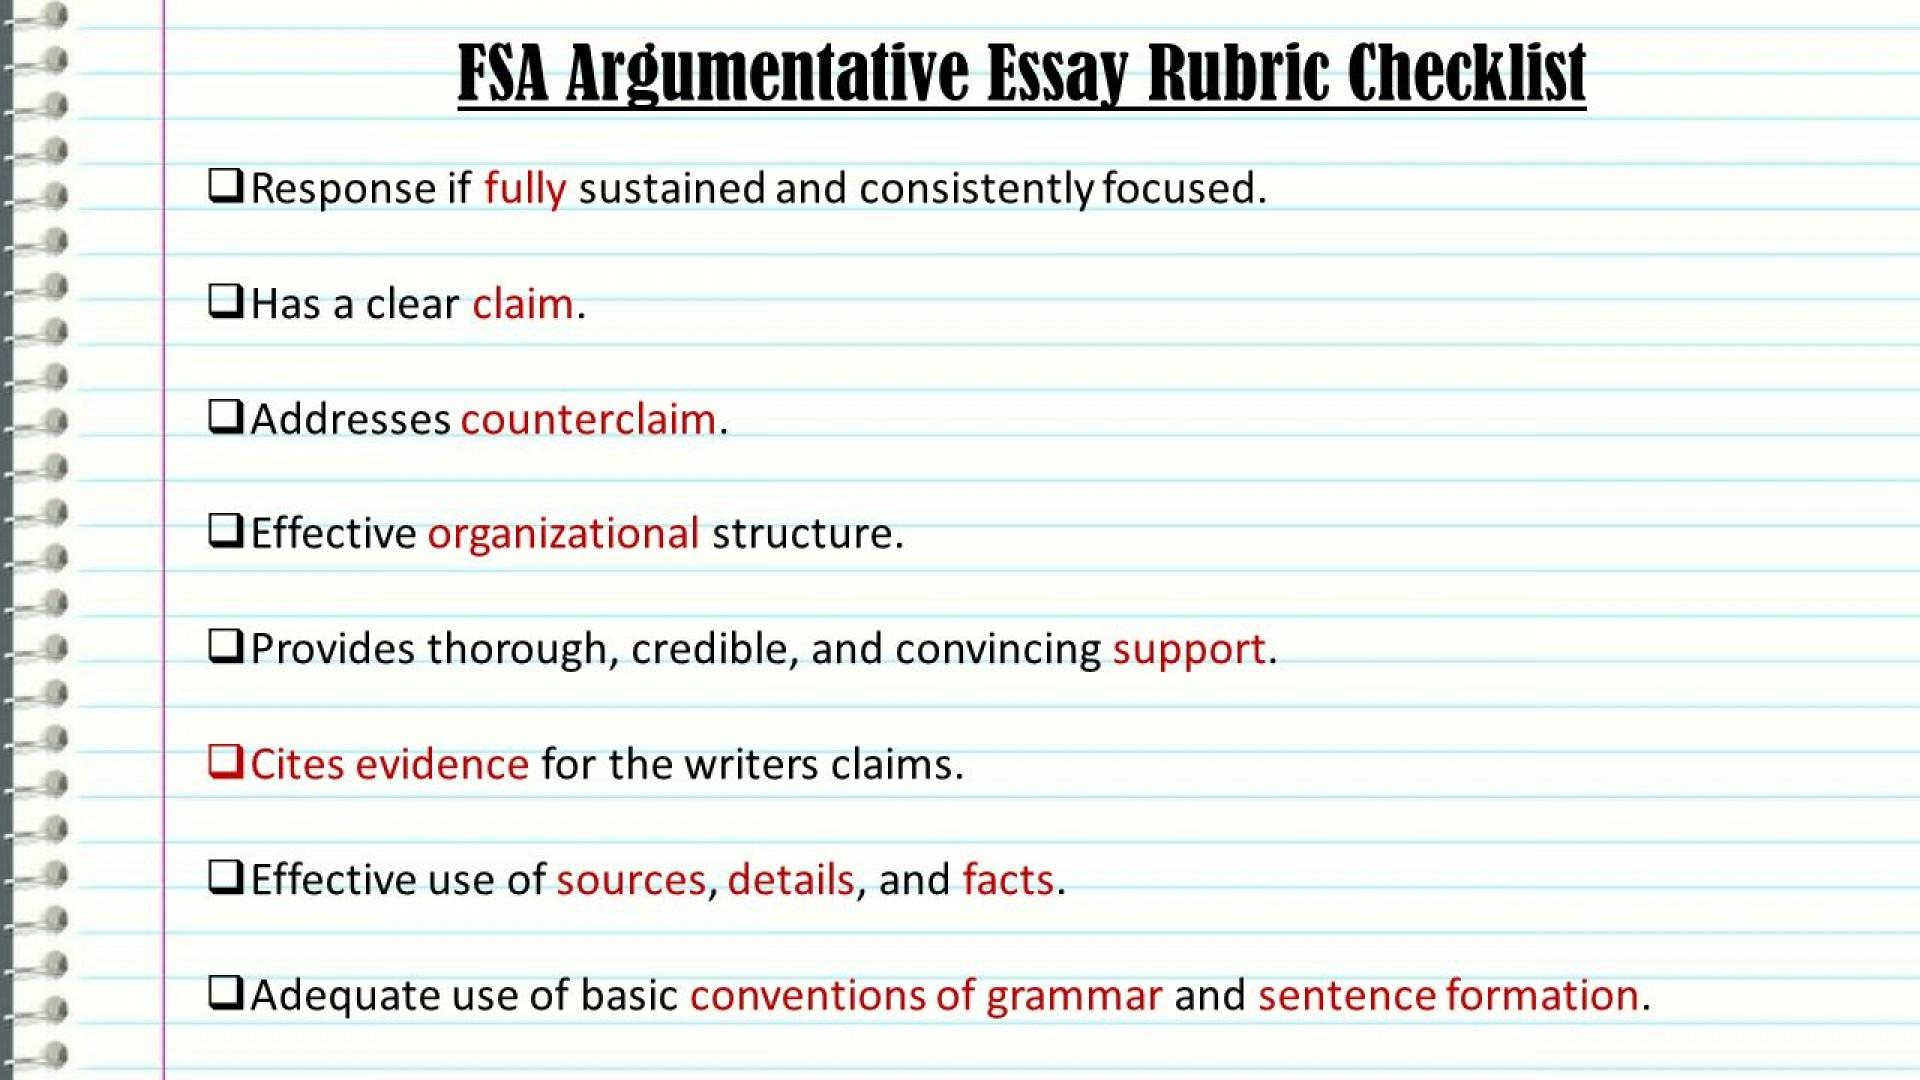 005 Essay Example Fsaargumentativeessayrubricchecklist An Effective Claim For Argumentative Wondrous Is Which Statement Of Brainly Quizlet 1920